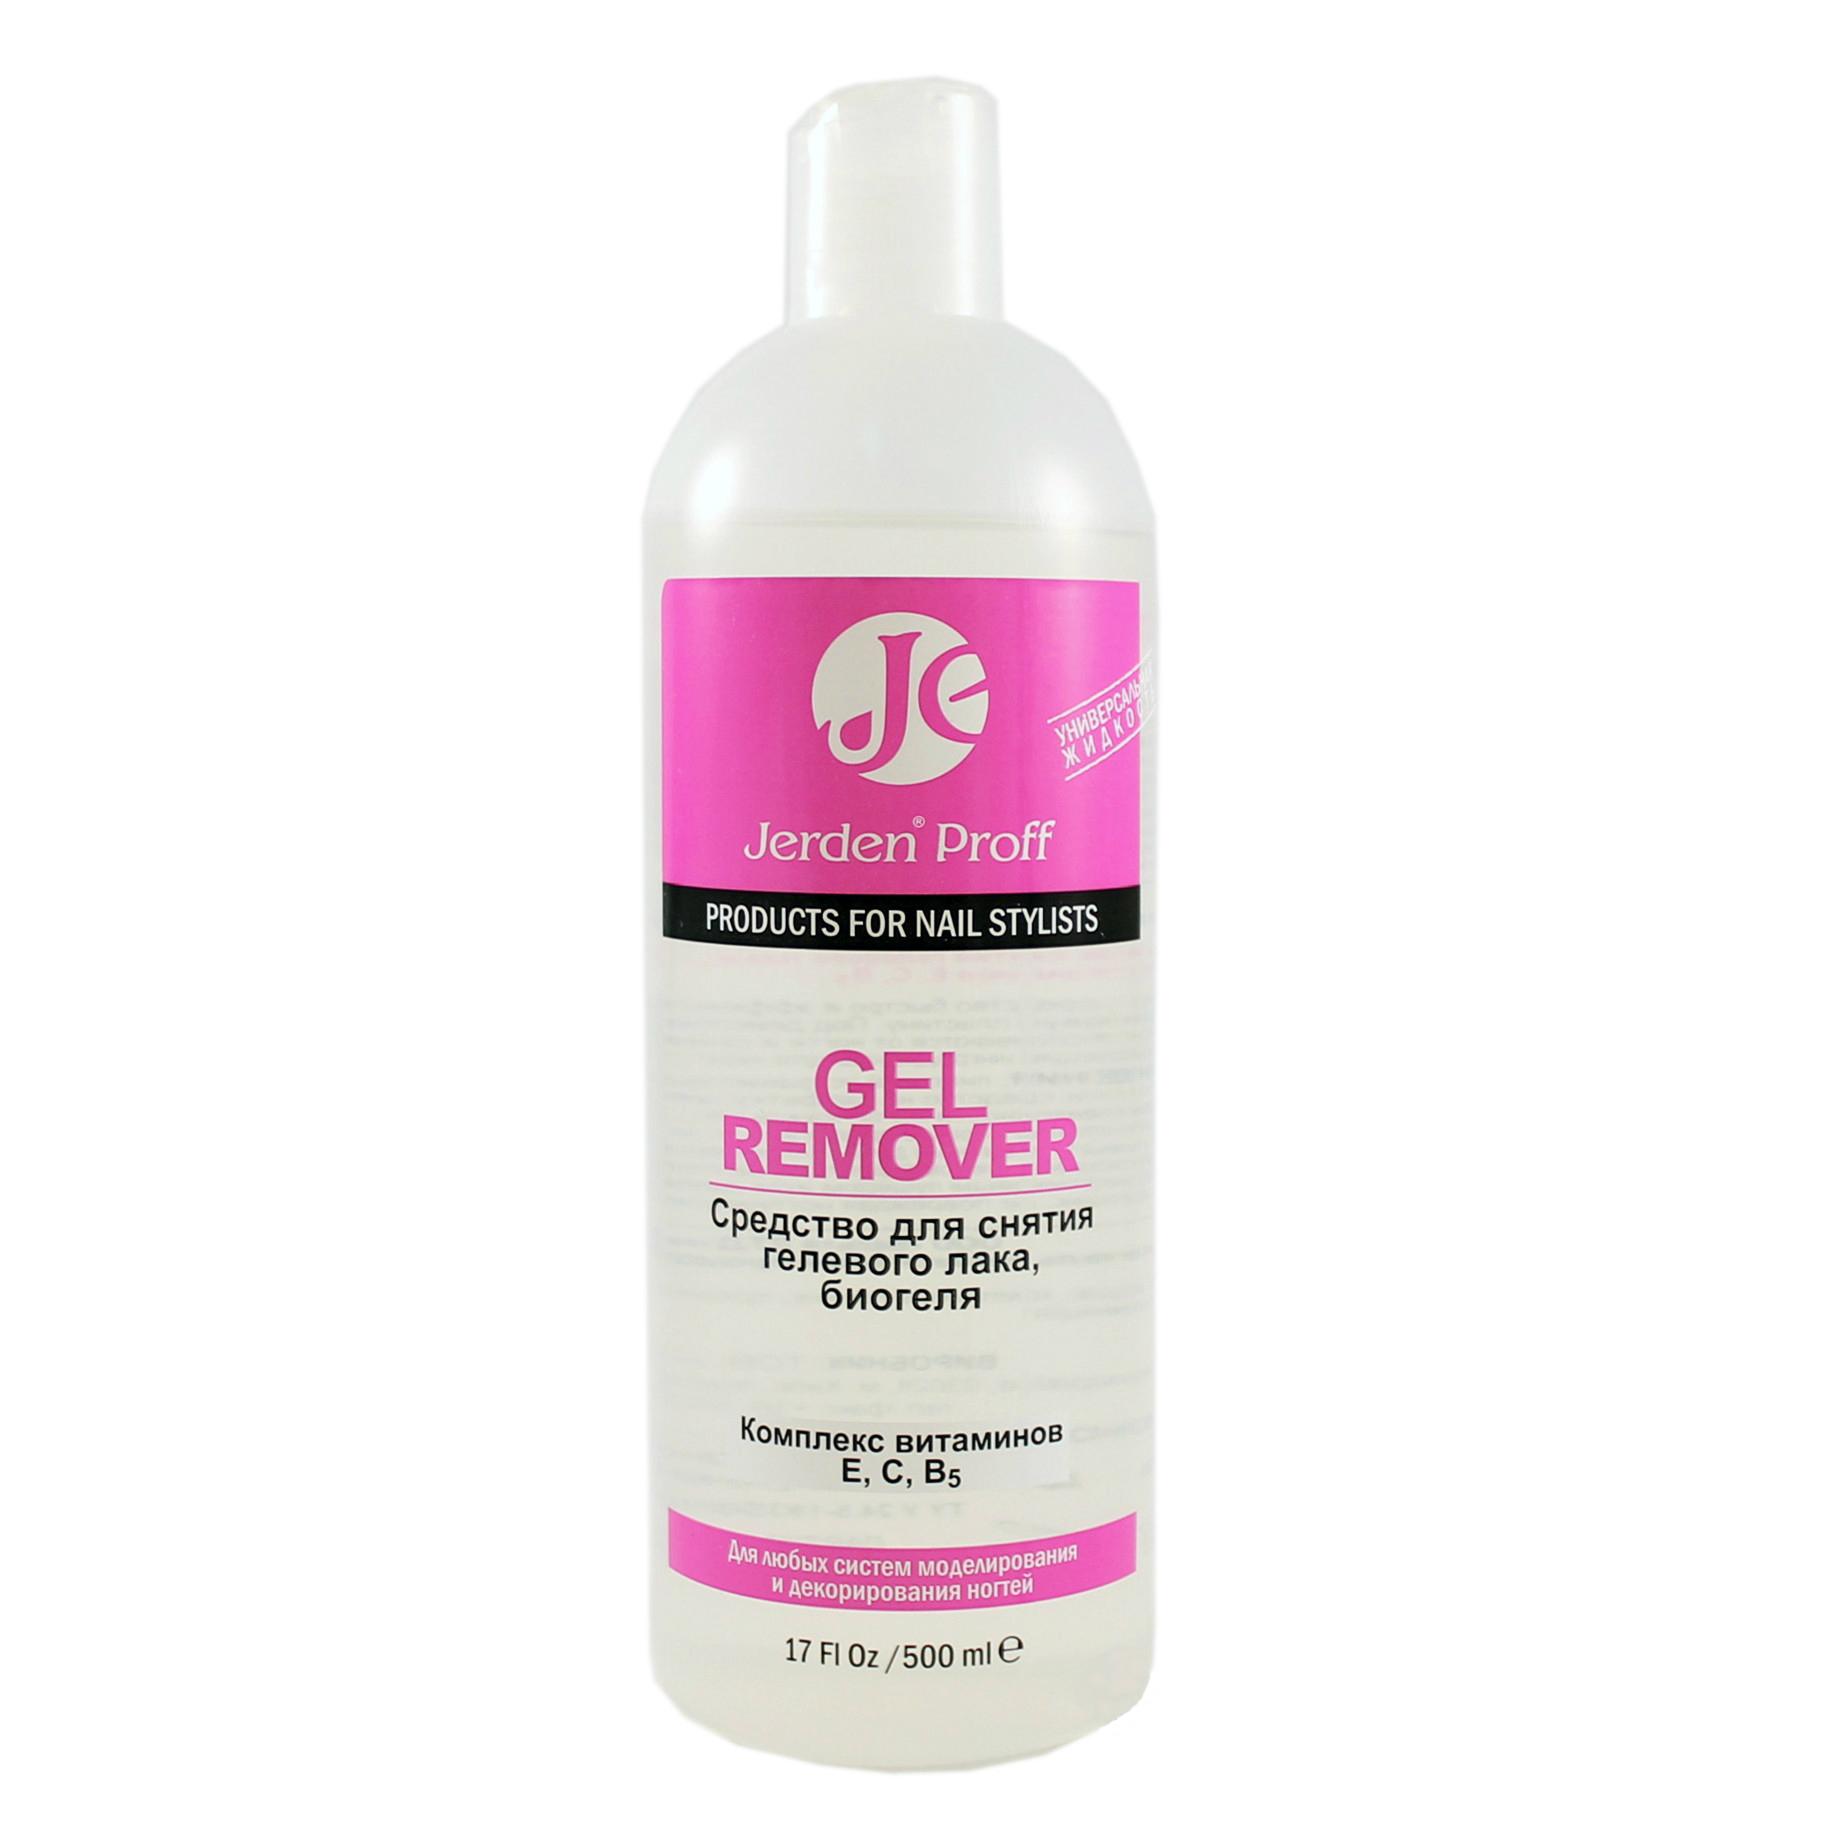 Купить Снятие гель-лака Jerden Proff, Средство для снятия гель-лака Jerden Proff Gel Remover Комплекс витаминов 500 мл